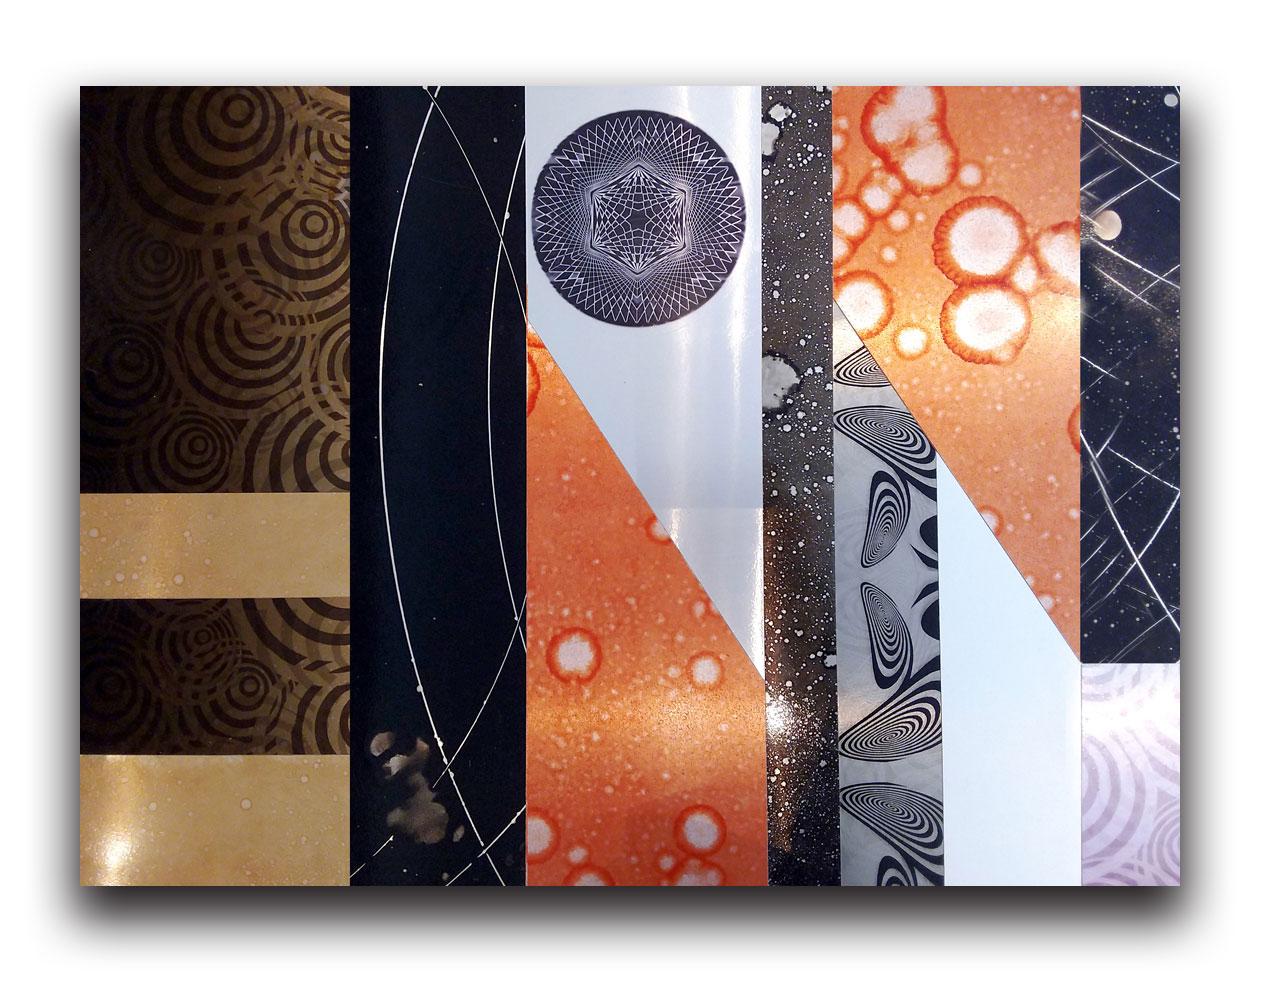 pannelli-in-metallo-decorati-a-mano- in vendita 4